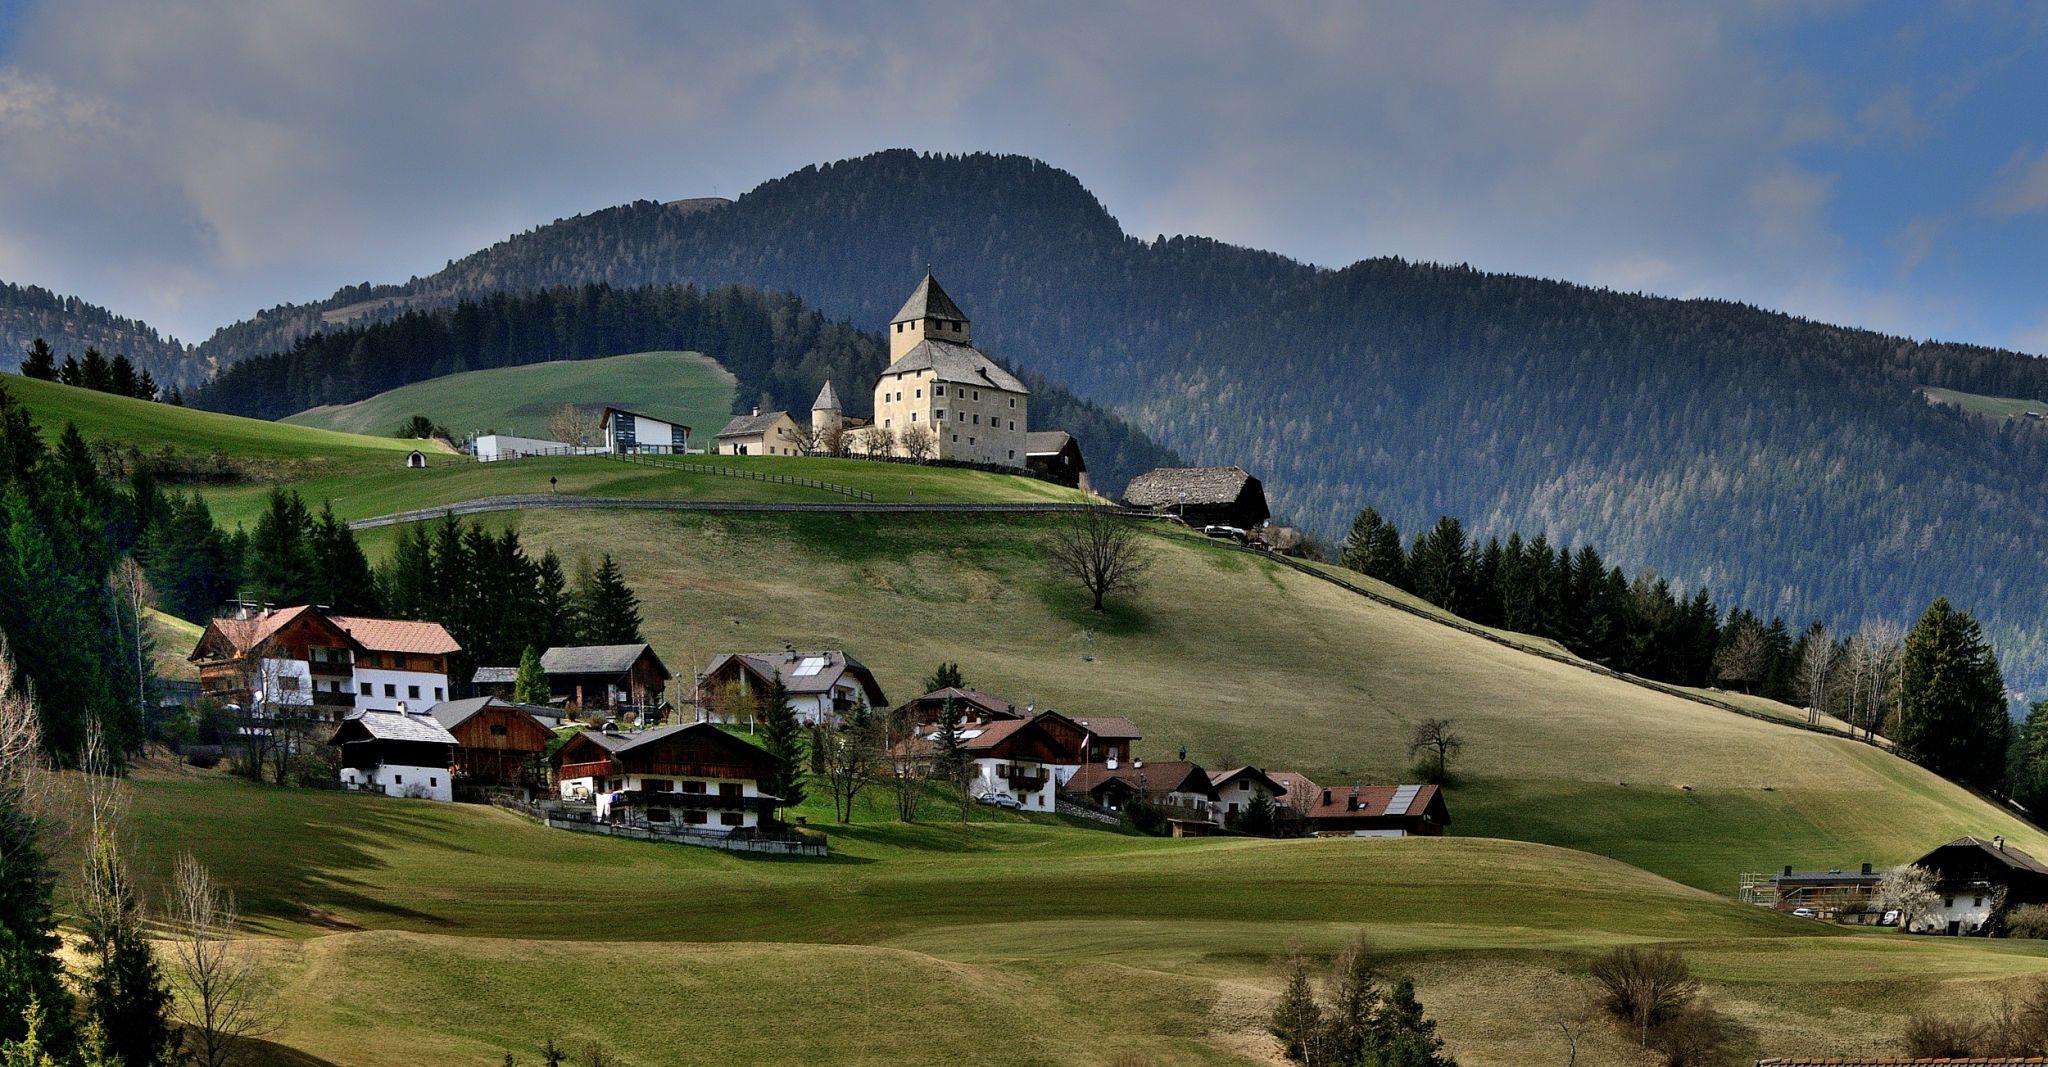 San Martino in Badia - Ćiastel de Tor, Italy